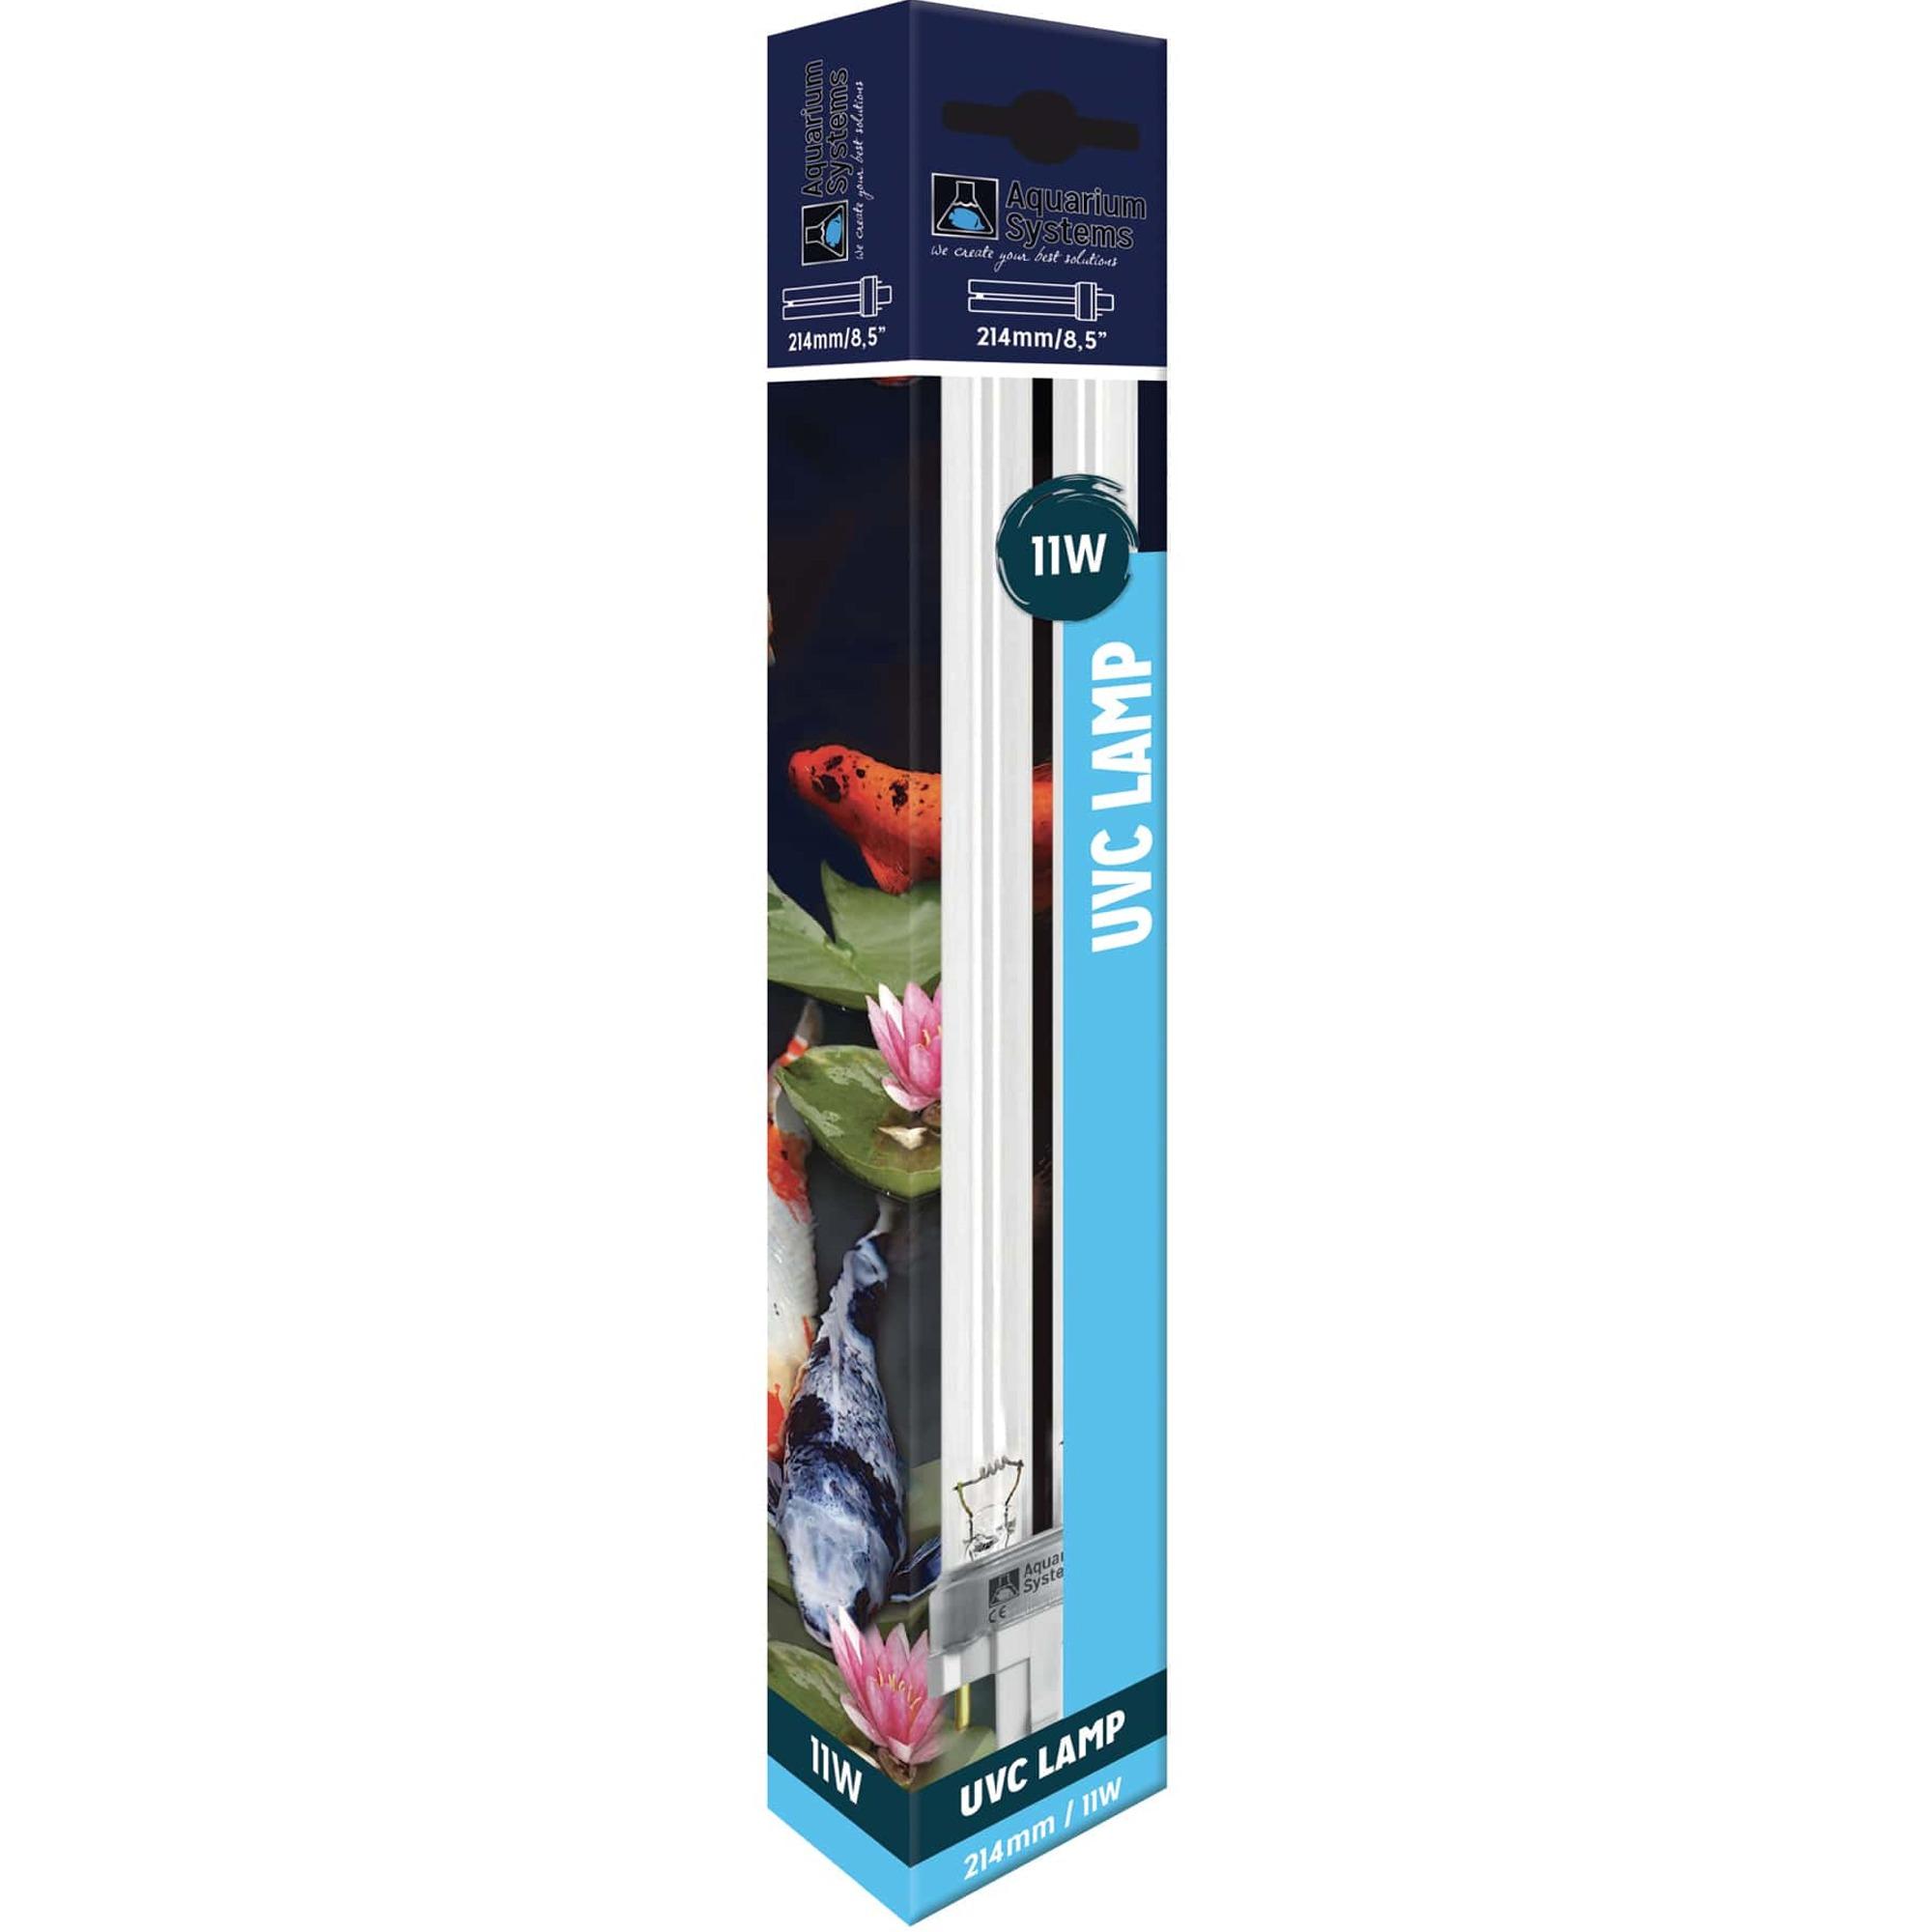 AQUARIUM SYSTEMS UVC Lamp 11W culot G23 ampoule compacte UV-C pour stérilisateur